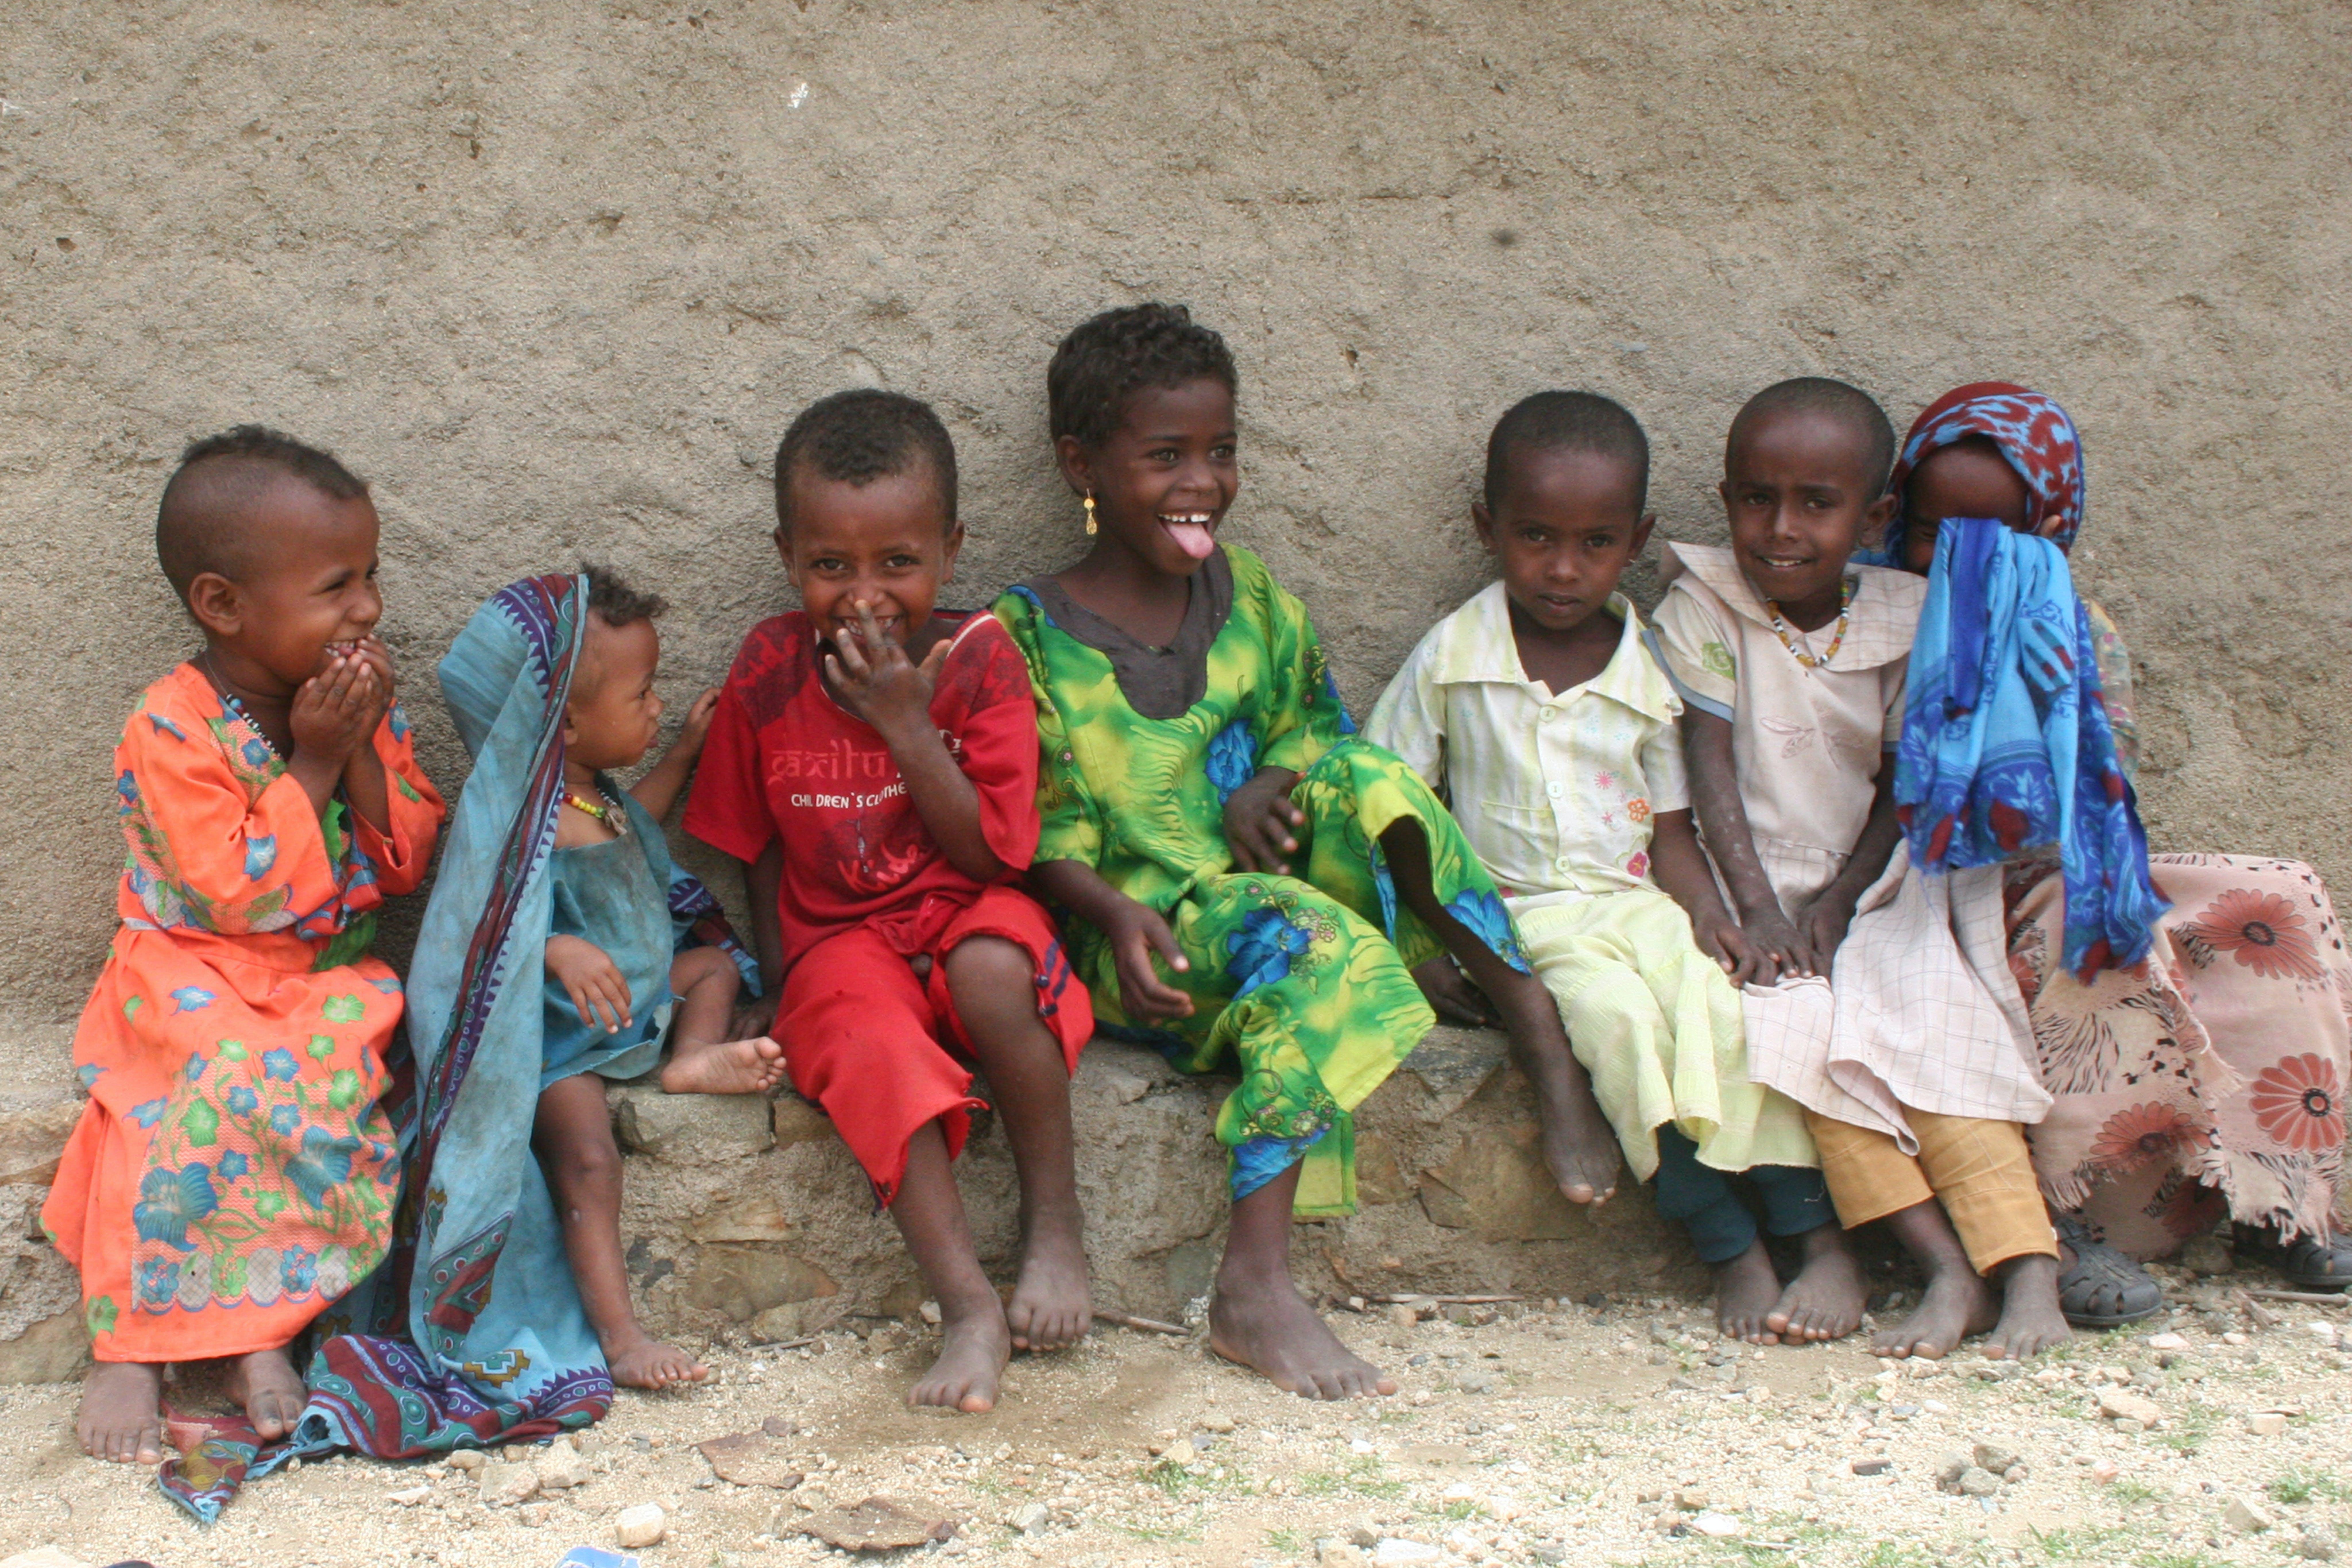 ©Patrizia Paterno/UNICEF Italia. Bambini nel villaggio di Ghezghiza